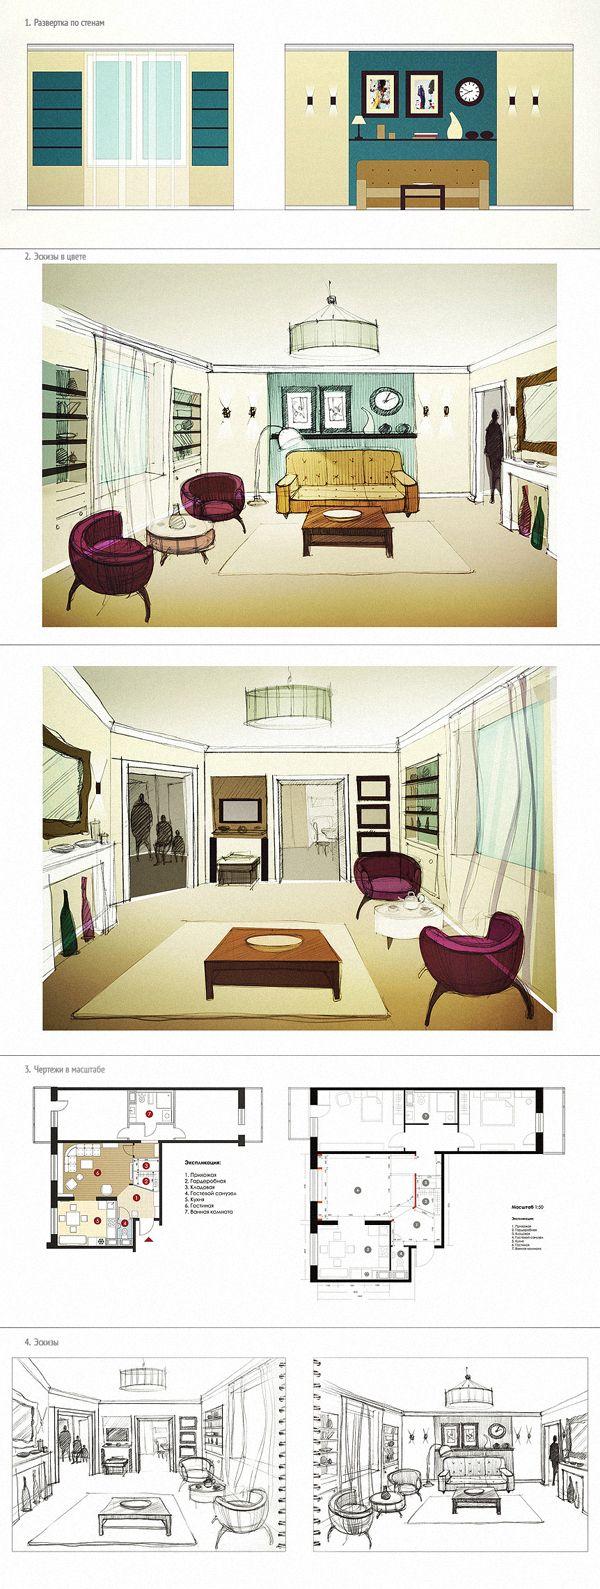 Interior Design On Behance Interior Design Presentation Interior Design Renderings Interior Design Sketches